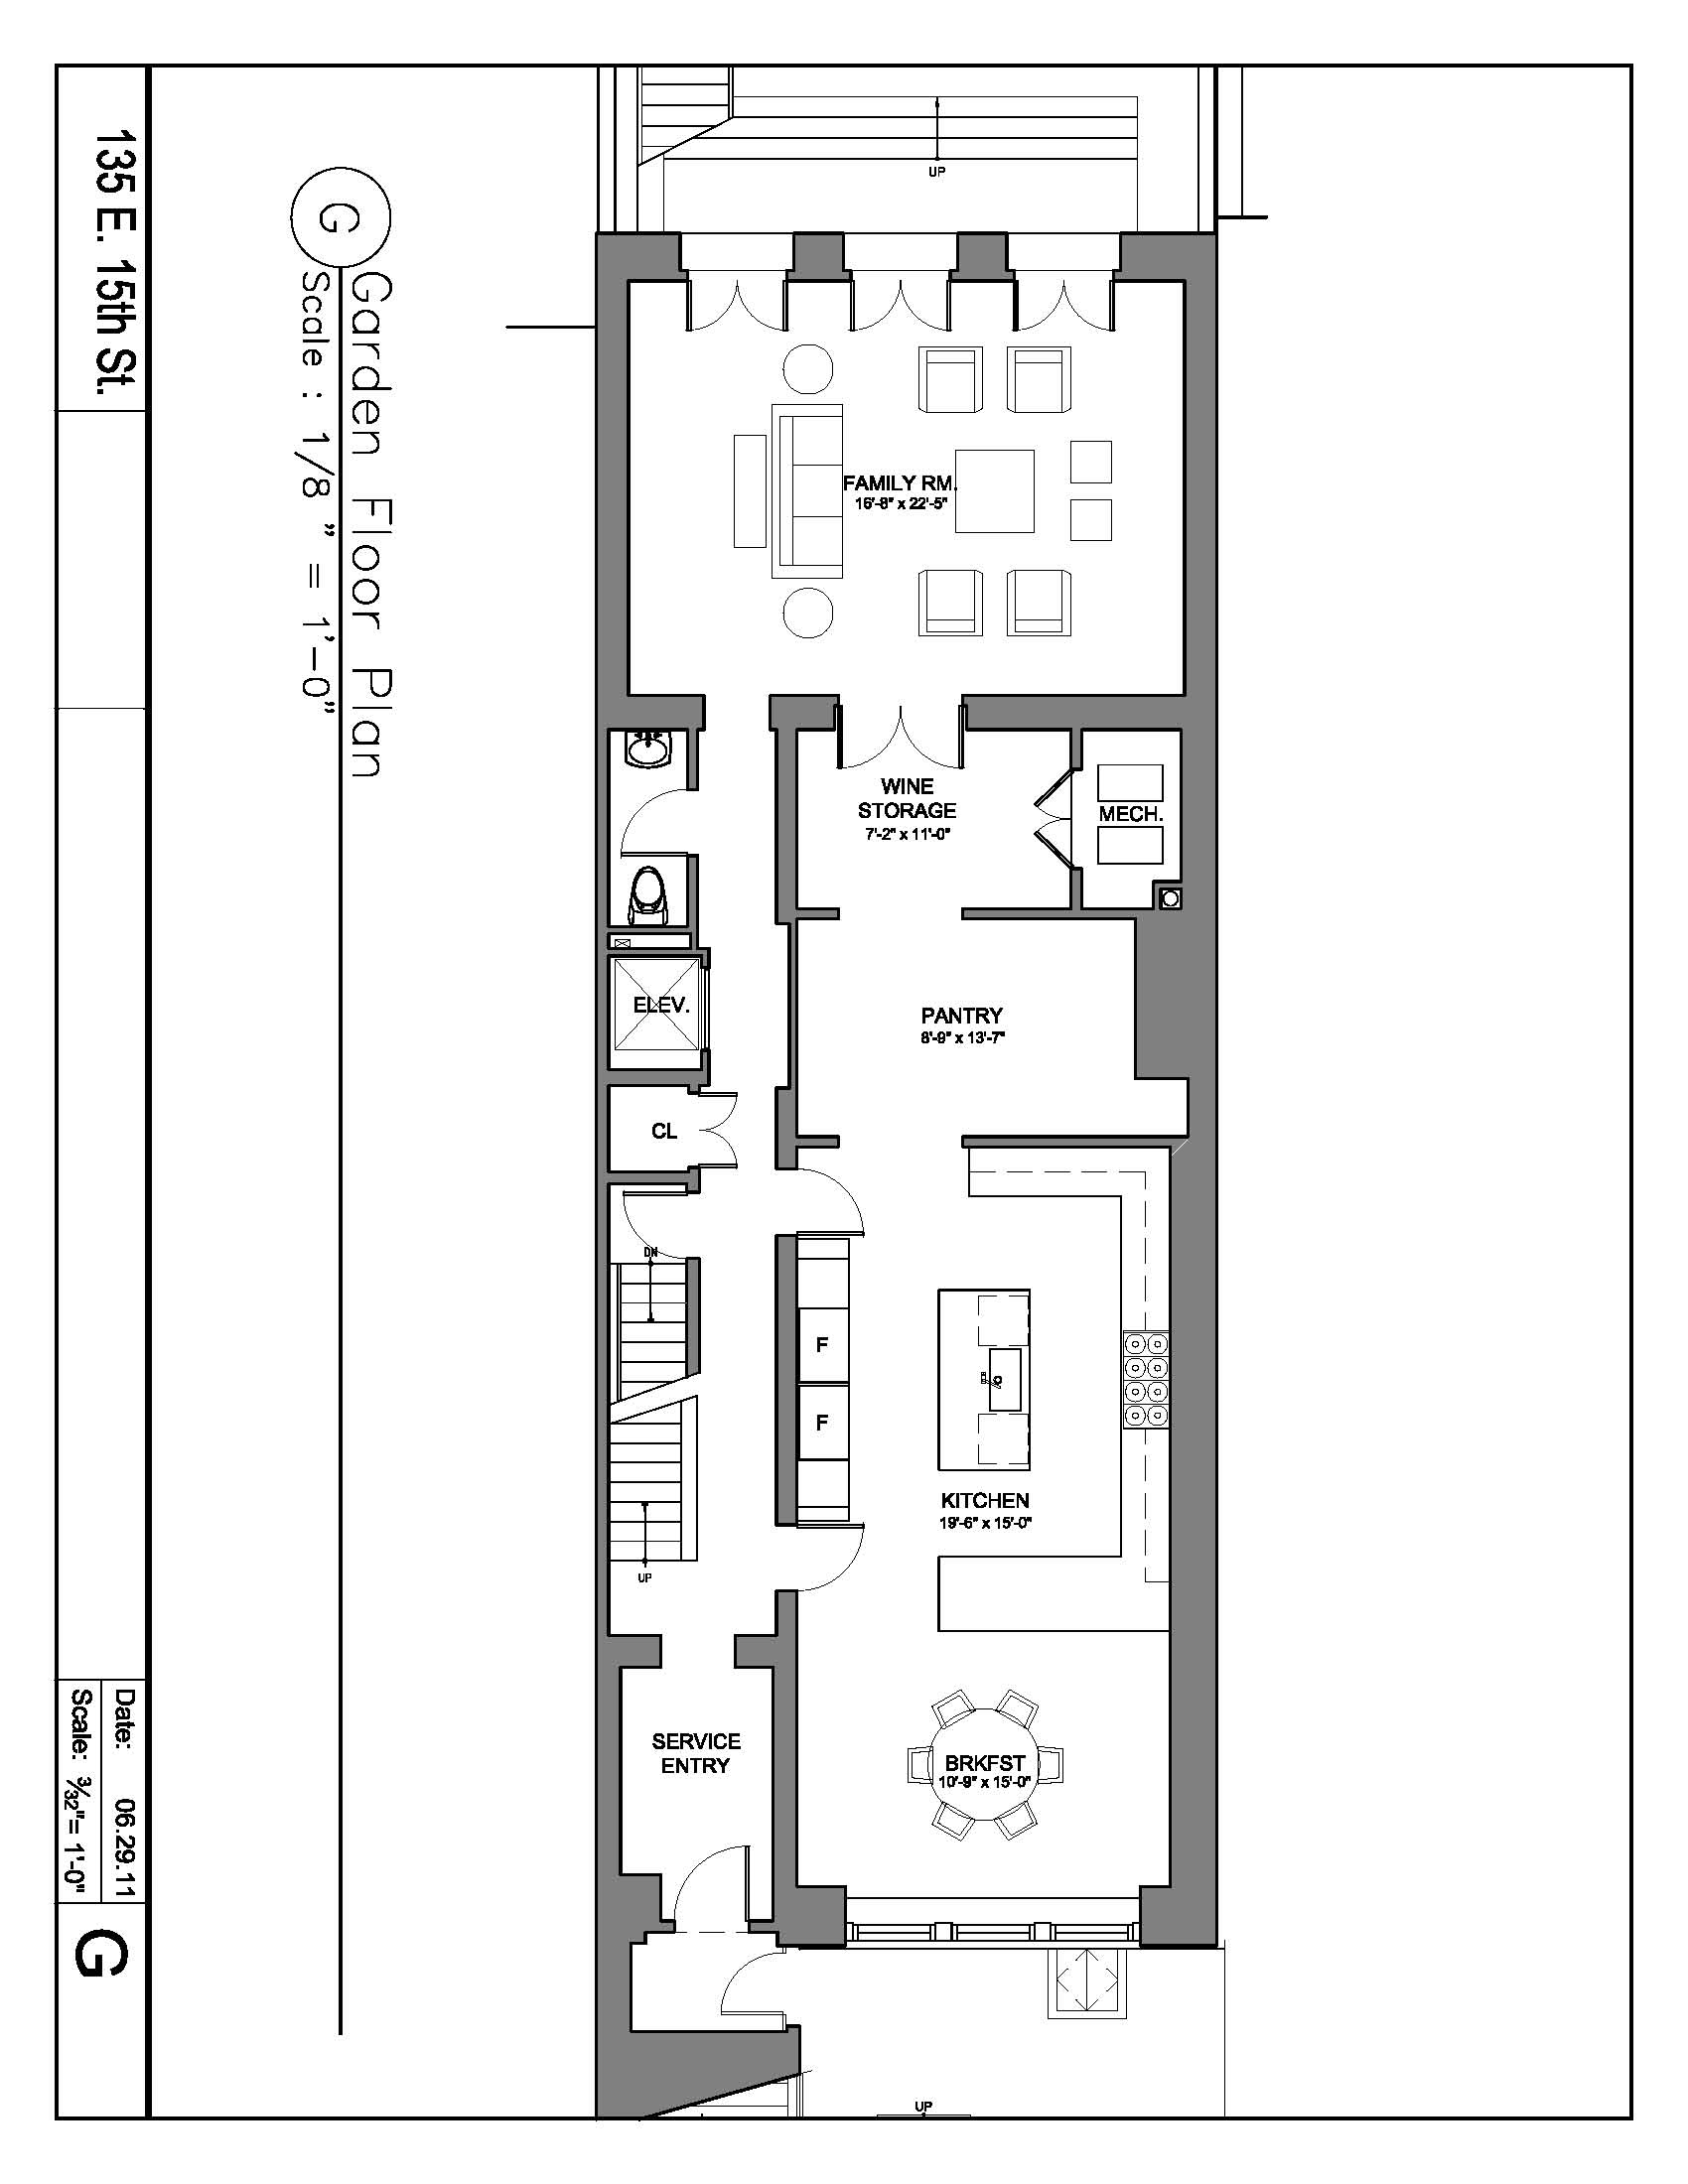 135 East 15th Street Gramercy Park New York NY 10003